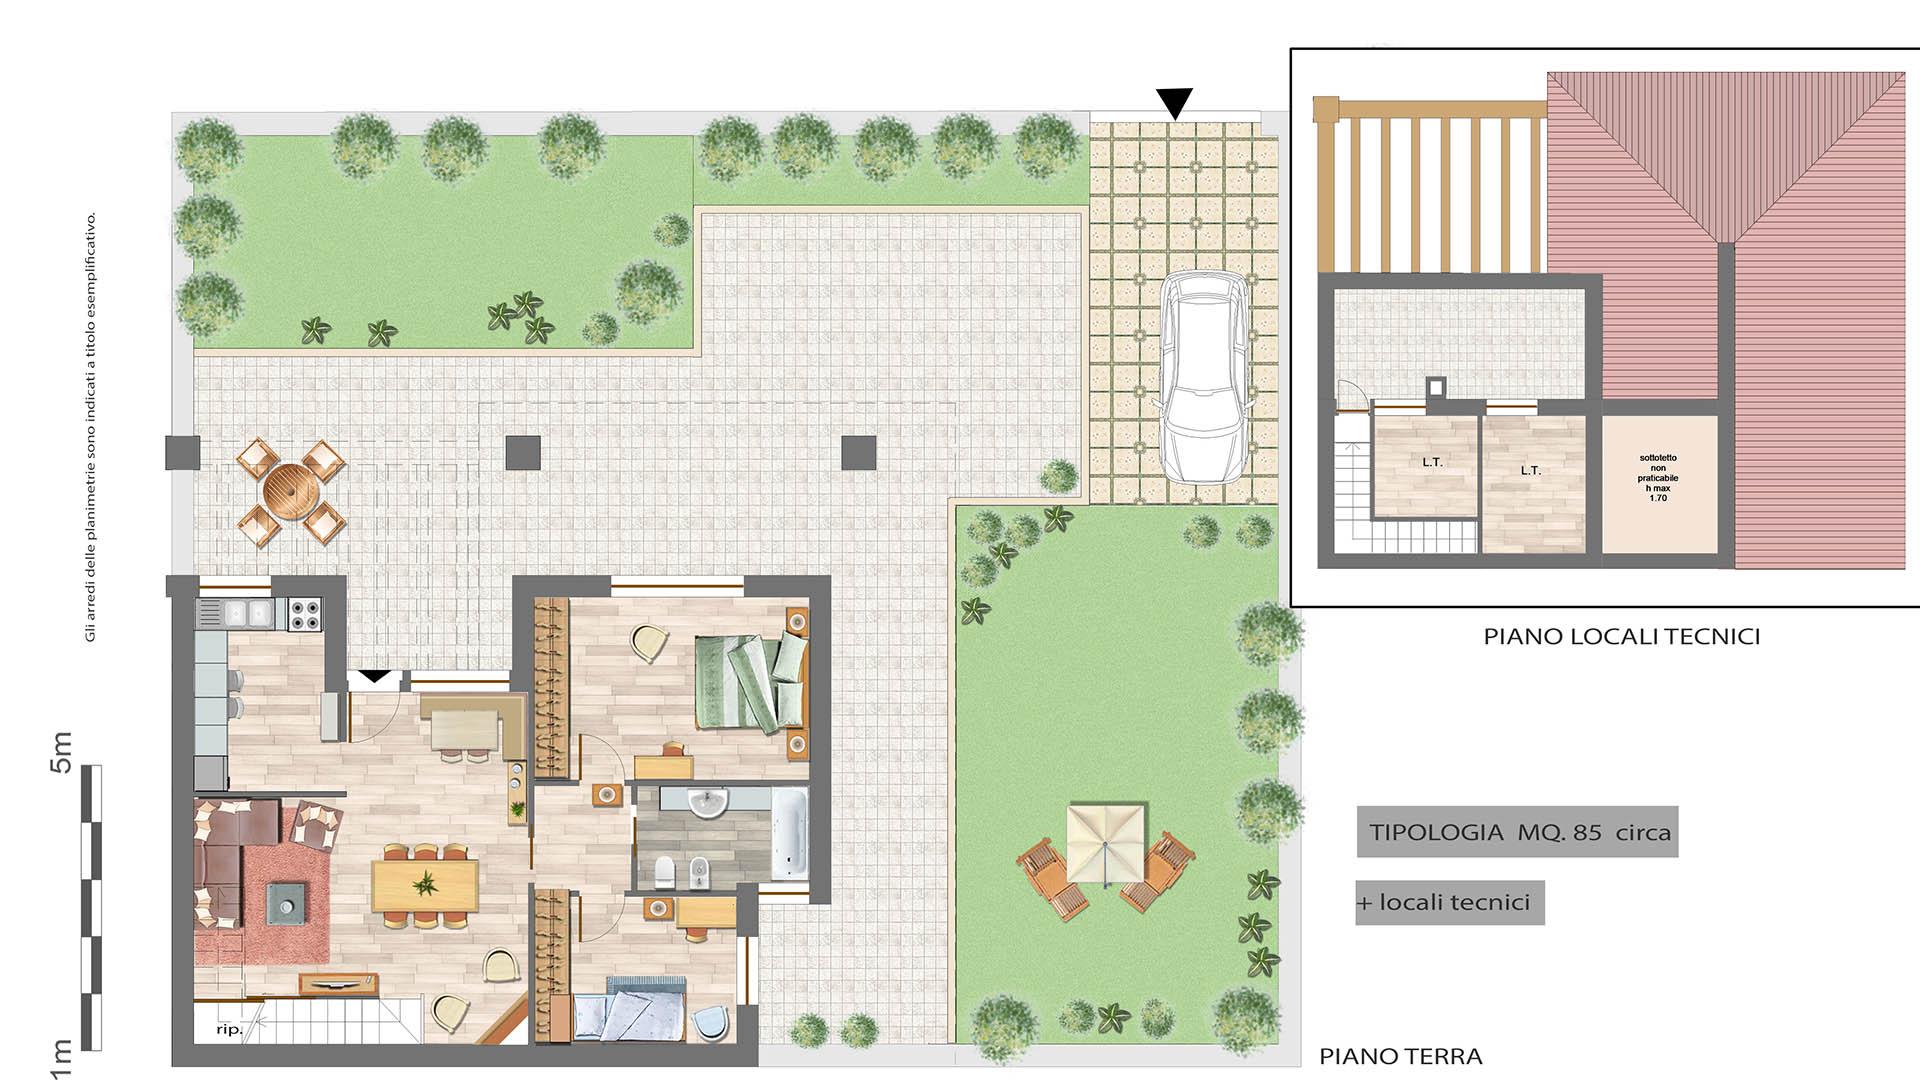 Progetto Casa 85 Mq villino in quadrifamiliare su due livelli - 130 mq con